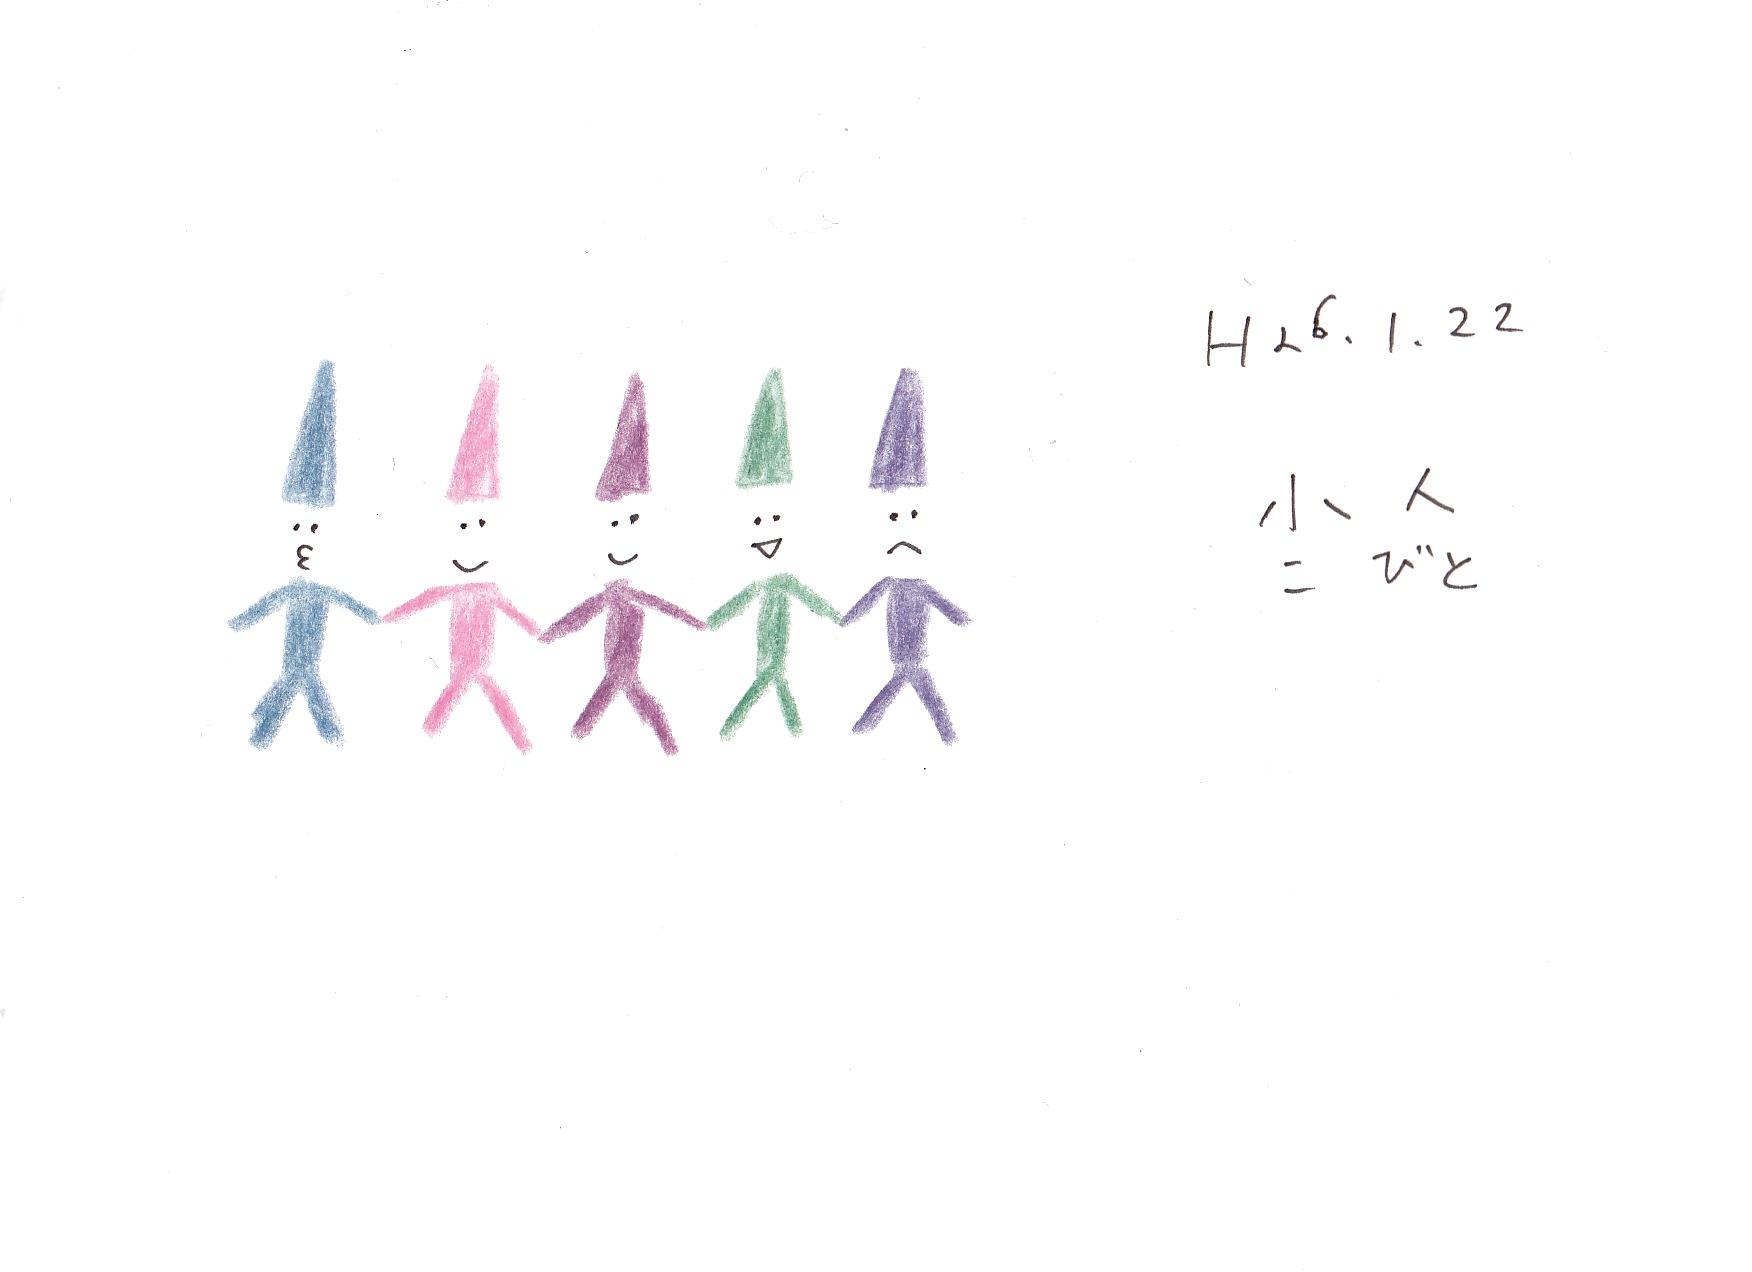 b0226011_2364555.jpg